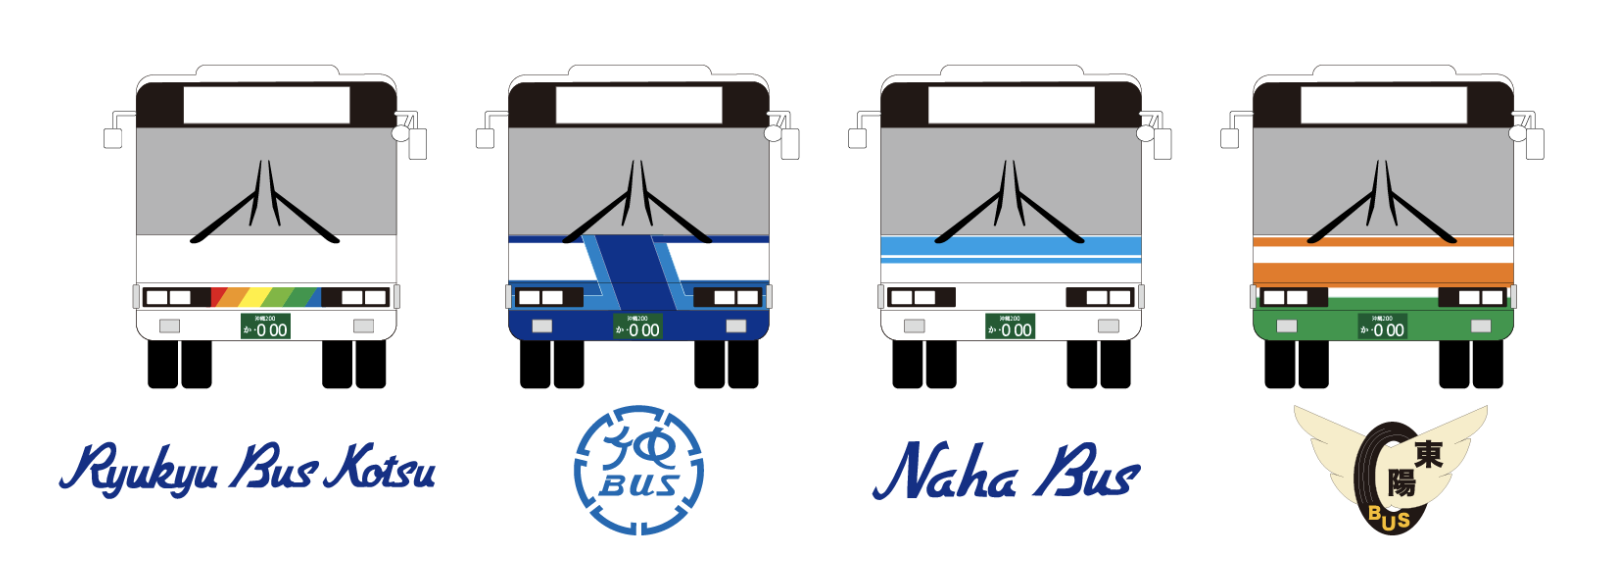 沖繩路線巴士